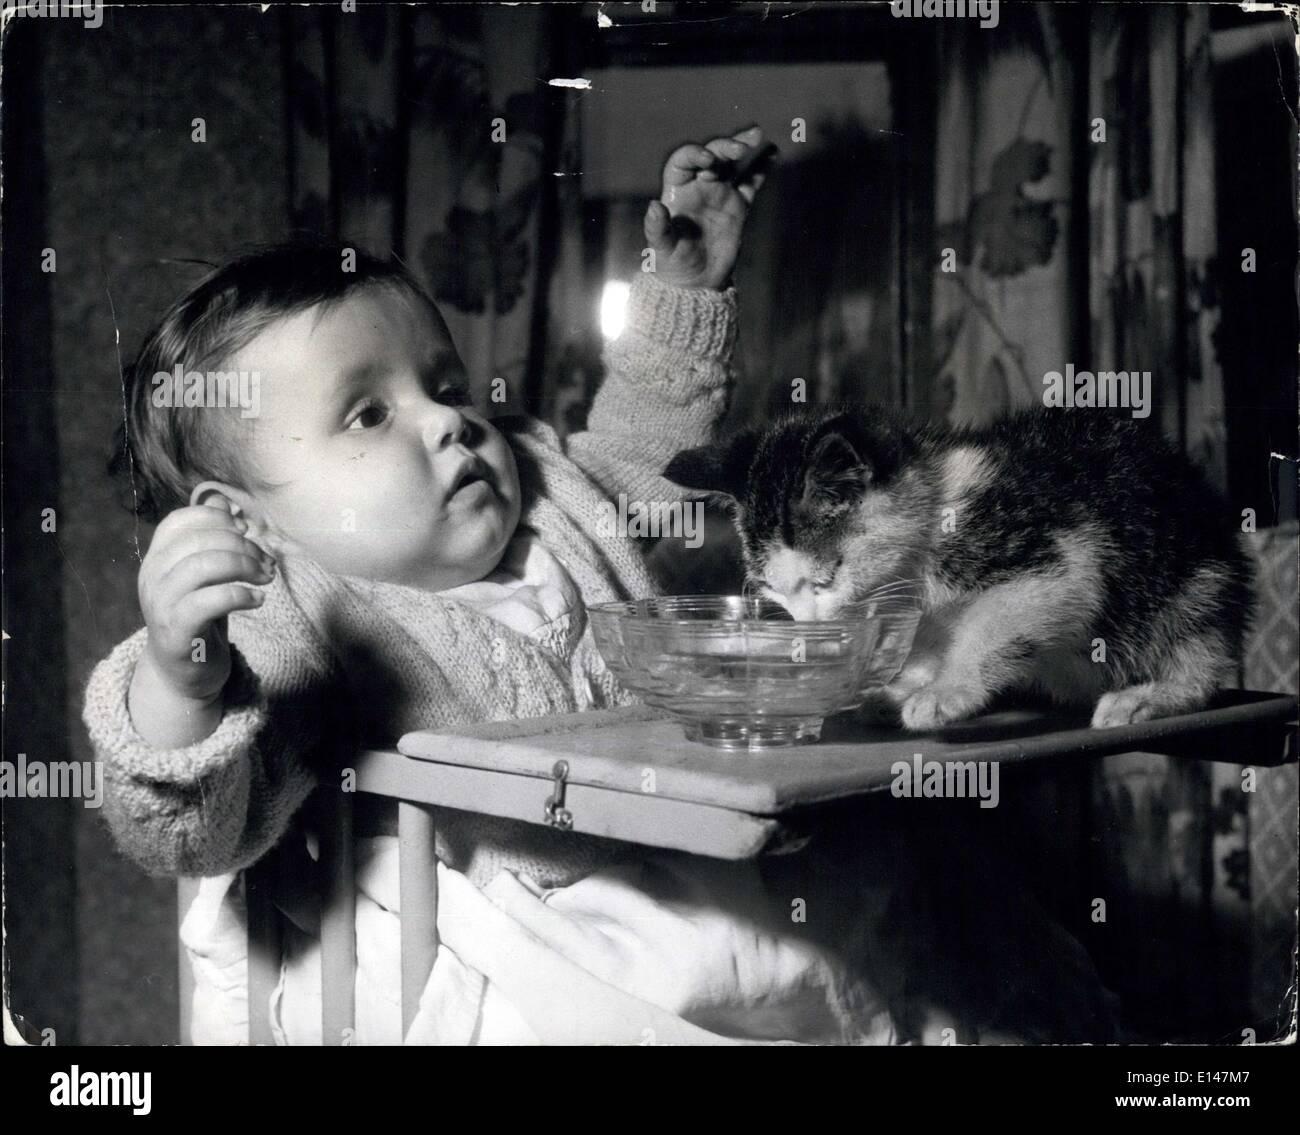 Apr. 17, 2012 - Buona cieli: lei è davvero mettere il suo volto in esso.... Teresa e i curiosi gattino... I cuccioli sono tali cose giocoso: non puoi tenerli fuori dai guai. Essi sono in tutto. Teresa Atkins, di Chatham, è scoprire questo fatto in età precoce - ha appena sei mesi se stessa ... e quando si siede nel suo seggiolone, aspettando il suo recipiente per essere riempita con il latte, abbastanza sicuro fino proviene Kitty, sopra la sua spalla, e verso il basso per la tavola, intenti sull' spingendo il suo piccolo naso a tutto. Immagini Stock